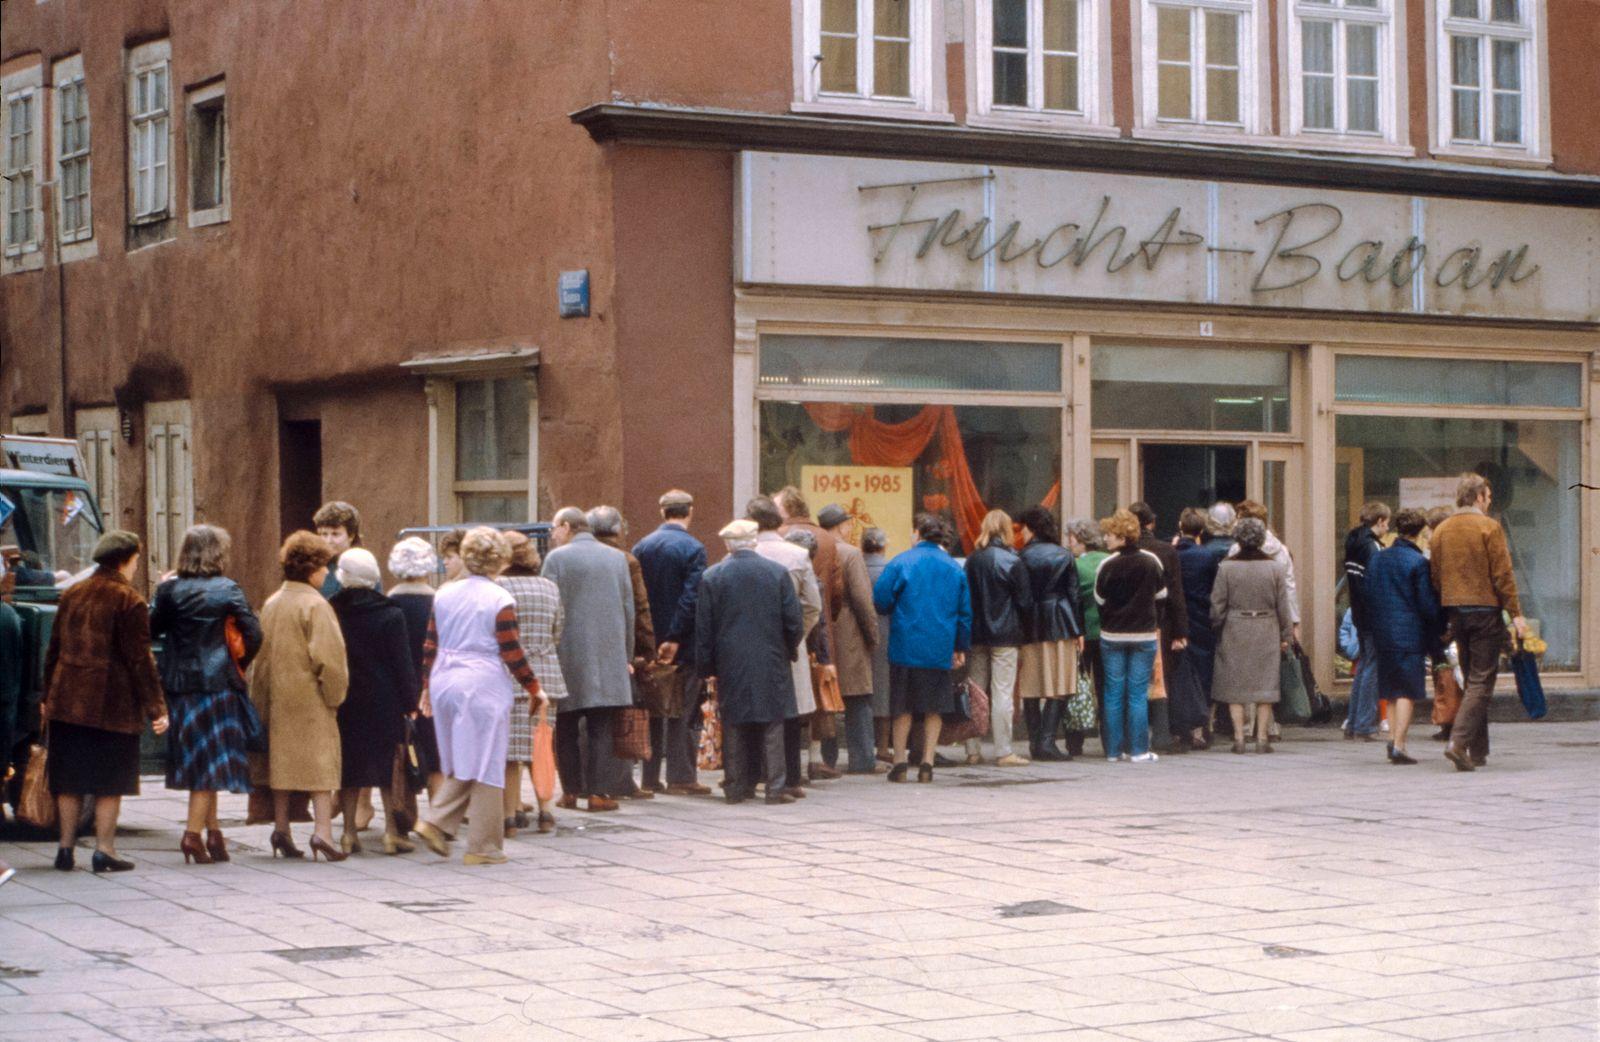 Warteschlange vor dem Lebensmittelgesch?ft Frucht-Basar am Fischmarkt, Erfurt in Th¸ringen zur Zeit der DDR Deutsche Dem